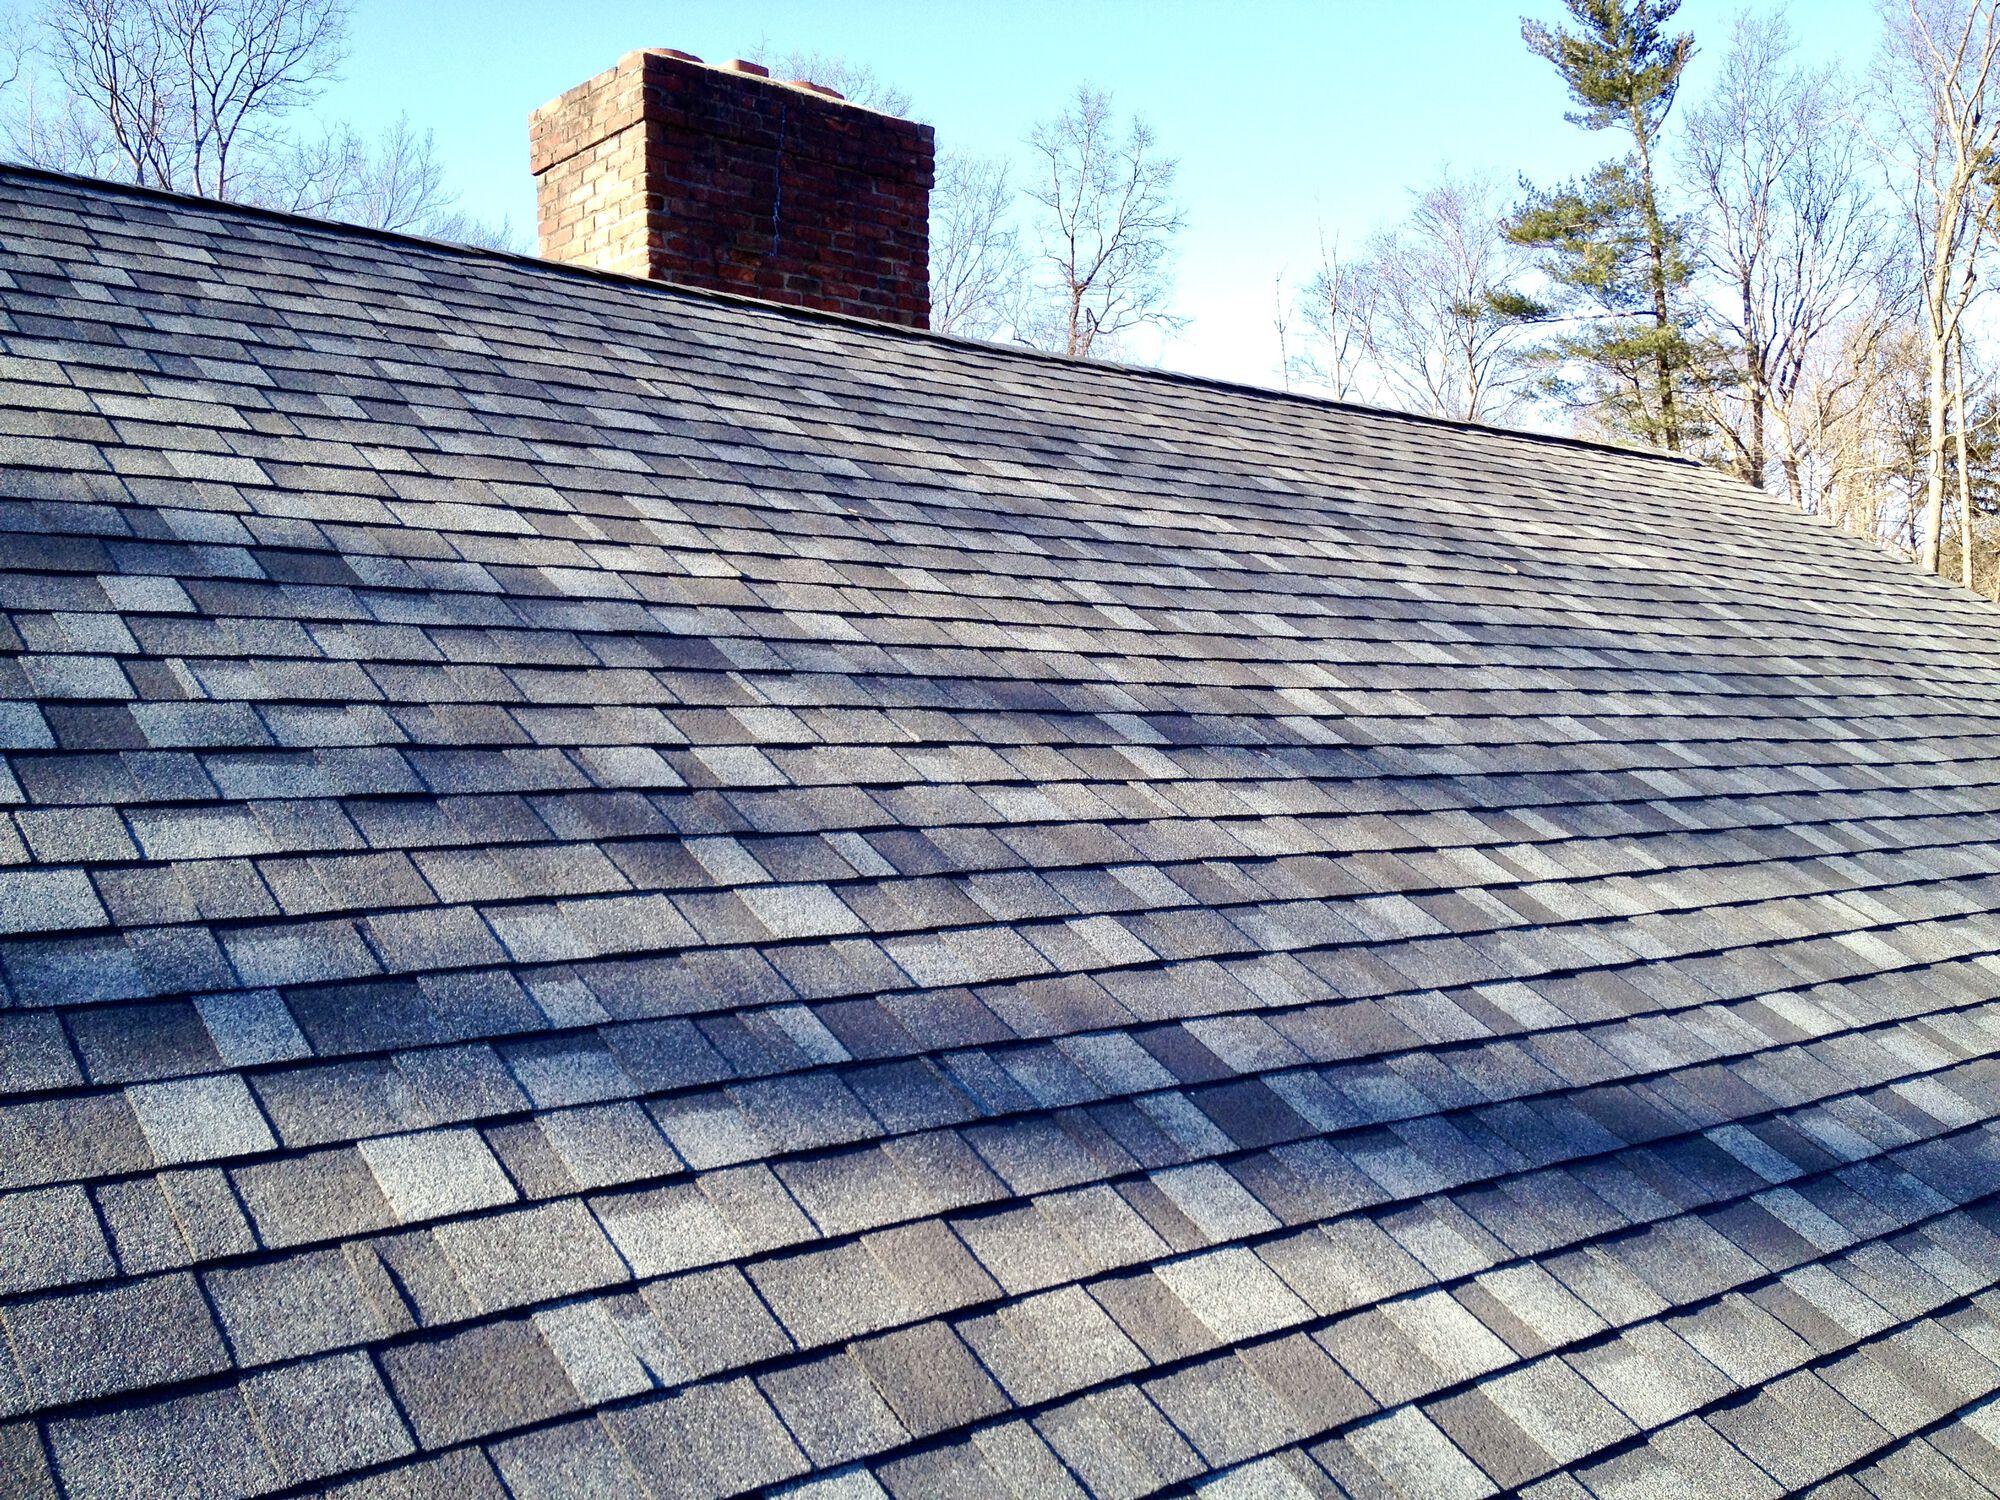 IKO Cambridge Roofing in Bergen County NJ